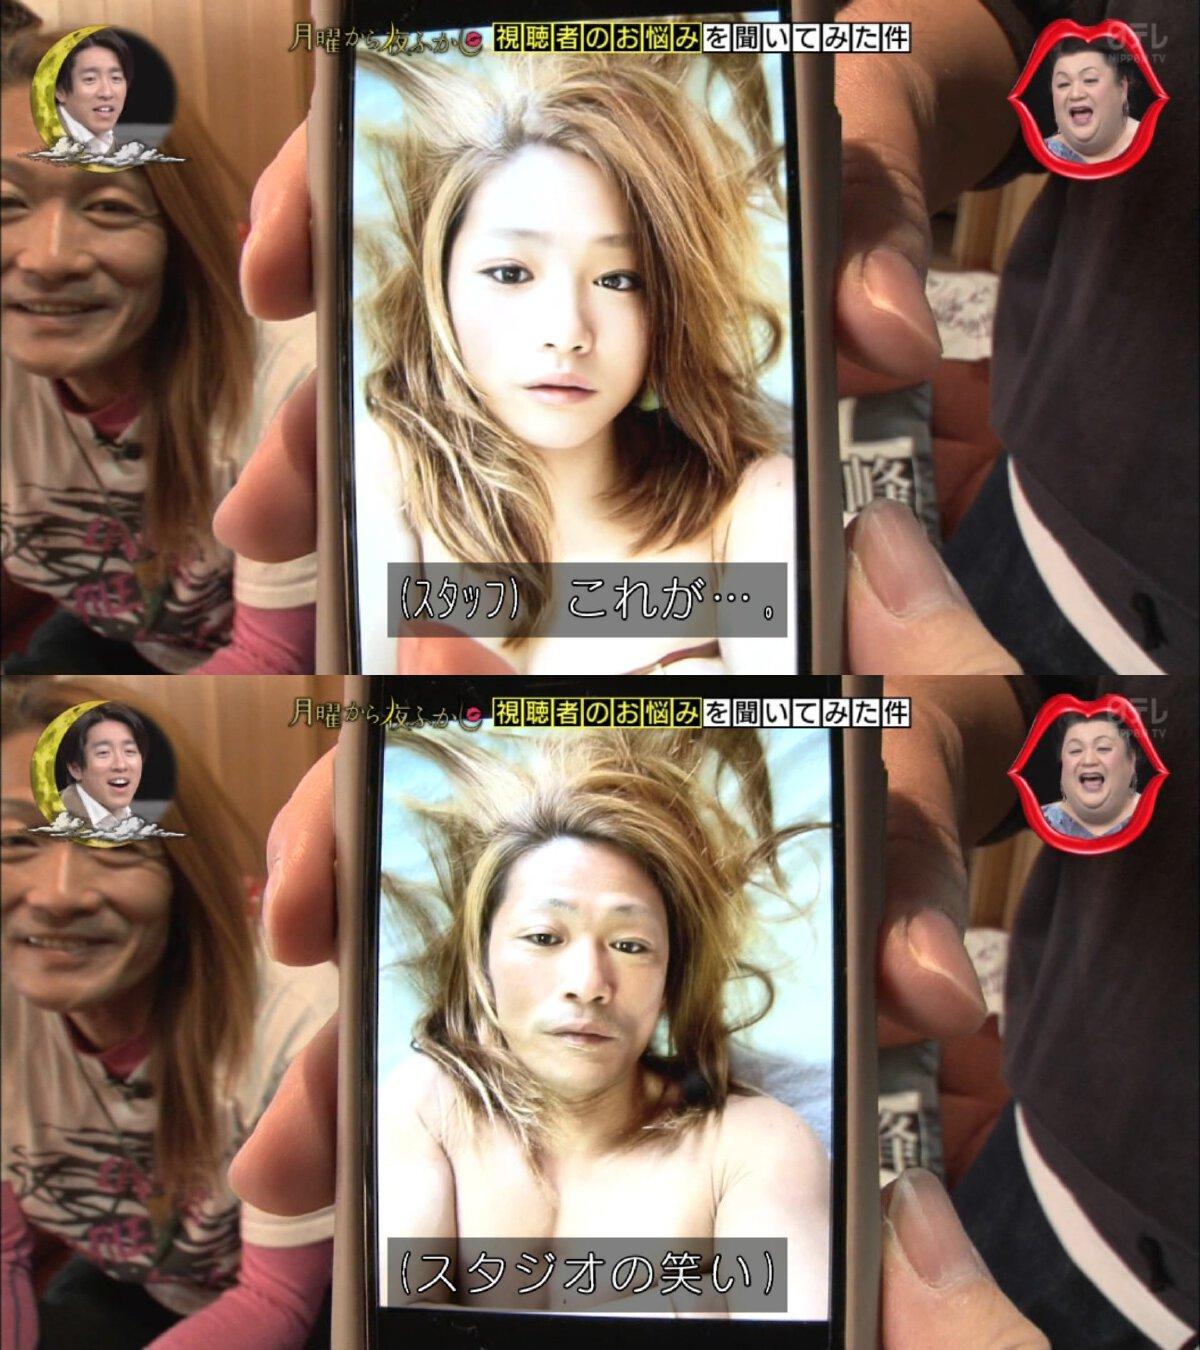 อาโออิ โซยะ นางฟ้าบิ๊กไบค์สายลุยแดนปลาดิบ เมื่อถูกเปิดรูปตัวจริง ช็อก!